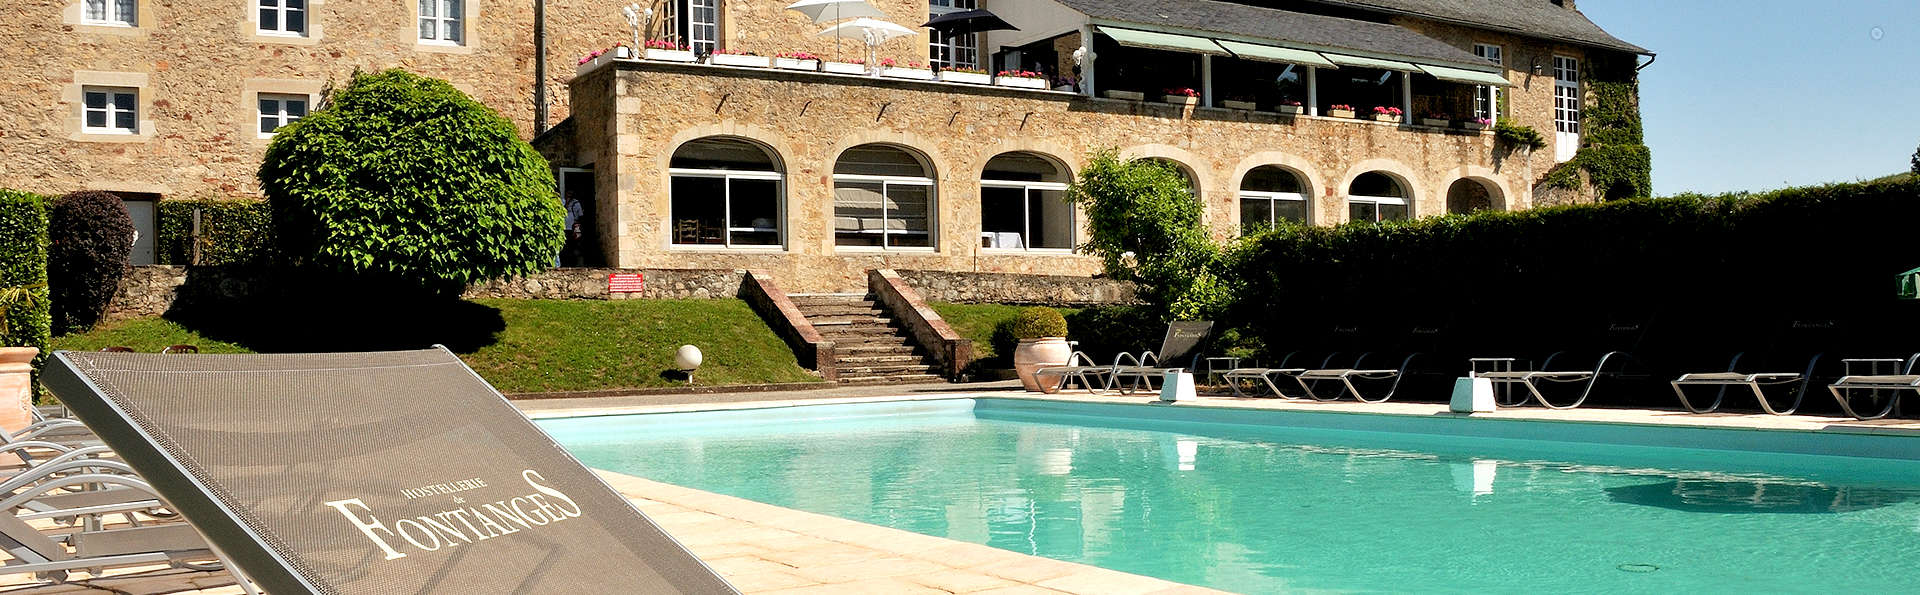 Week-end en famille dans un site incontournable de l'Aveyron à Rodez